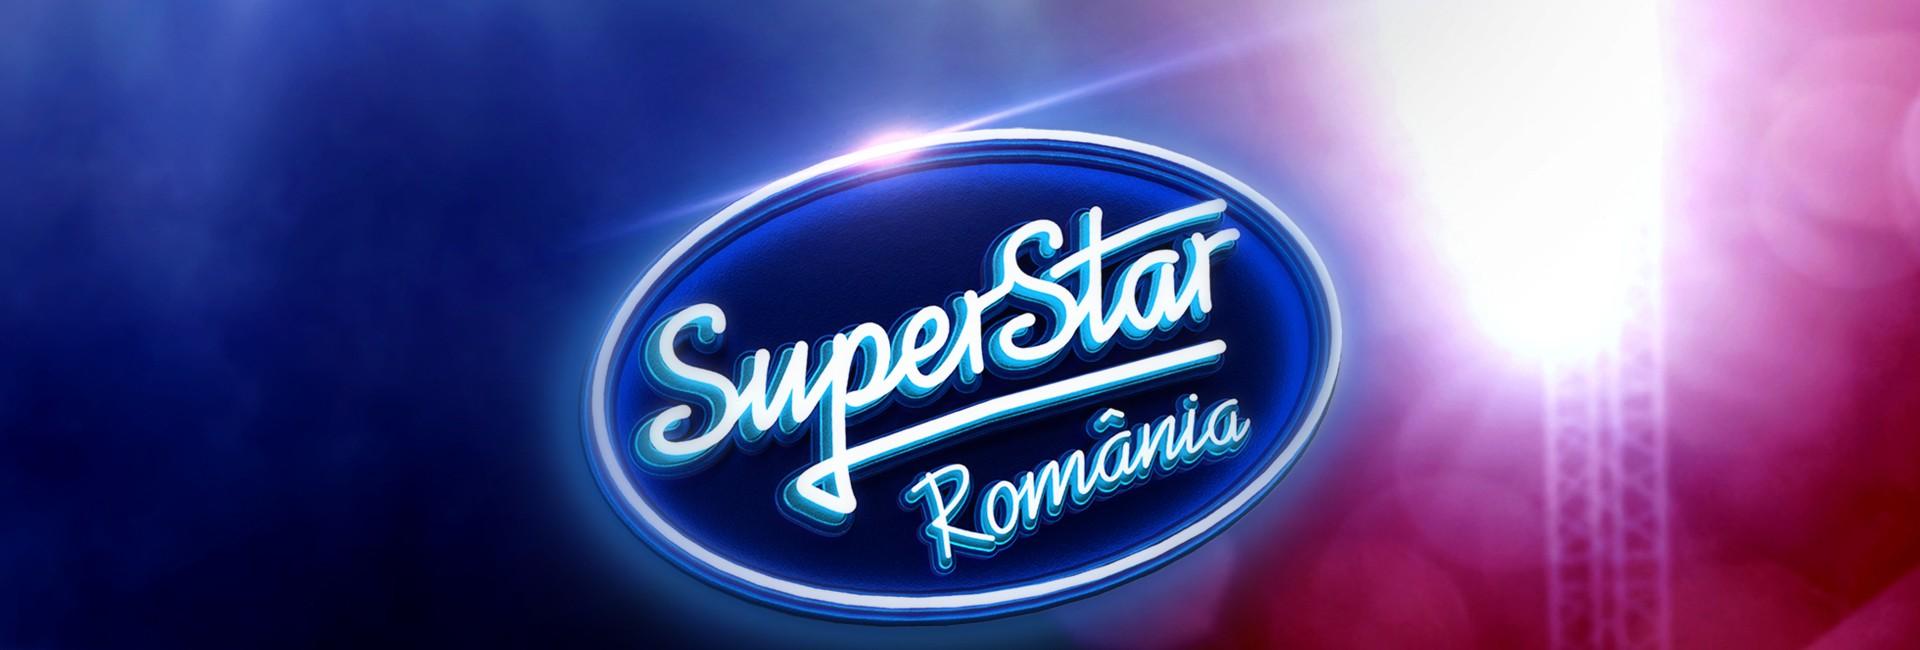 SuperStar România